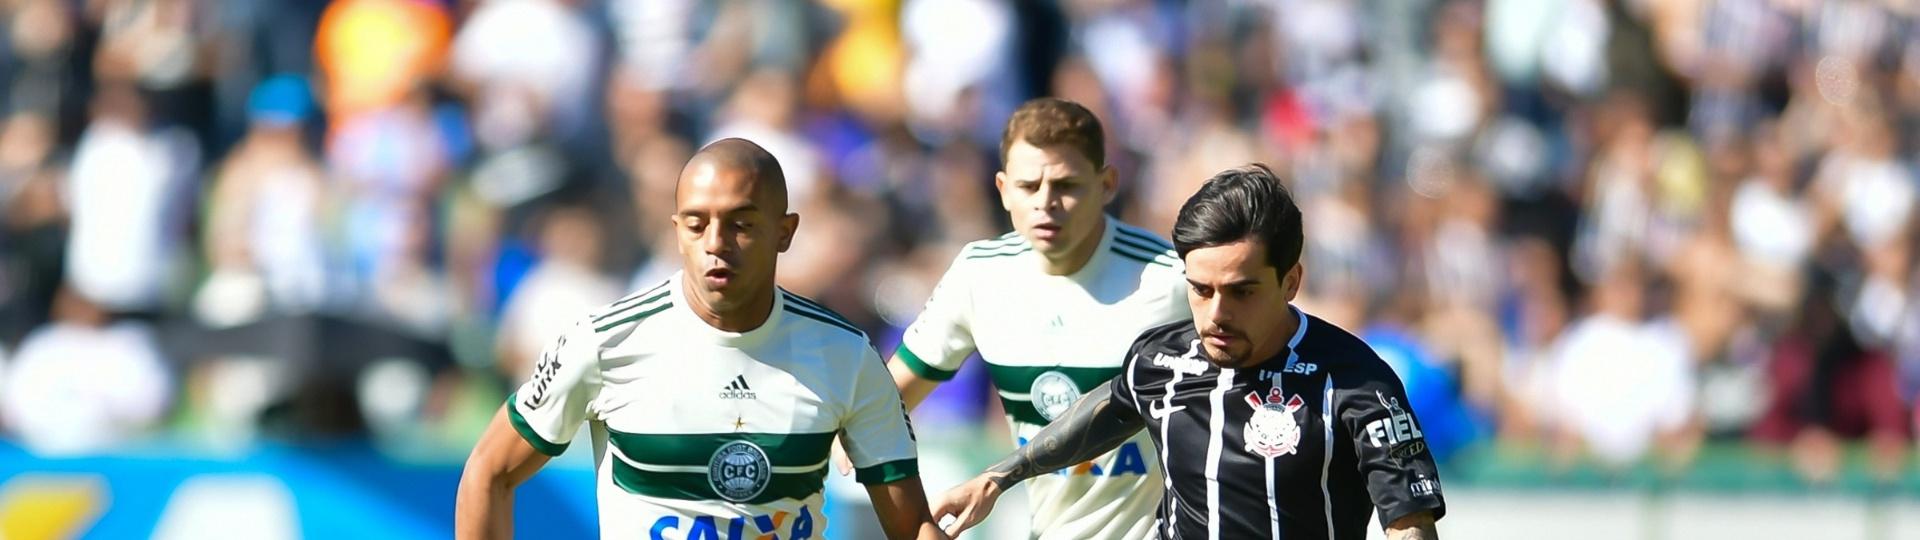 William Matheus, do Coritiba, e Fagner, do Corinthians, disputam a bola em partida pelo Campeonato Brasileiro